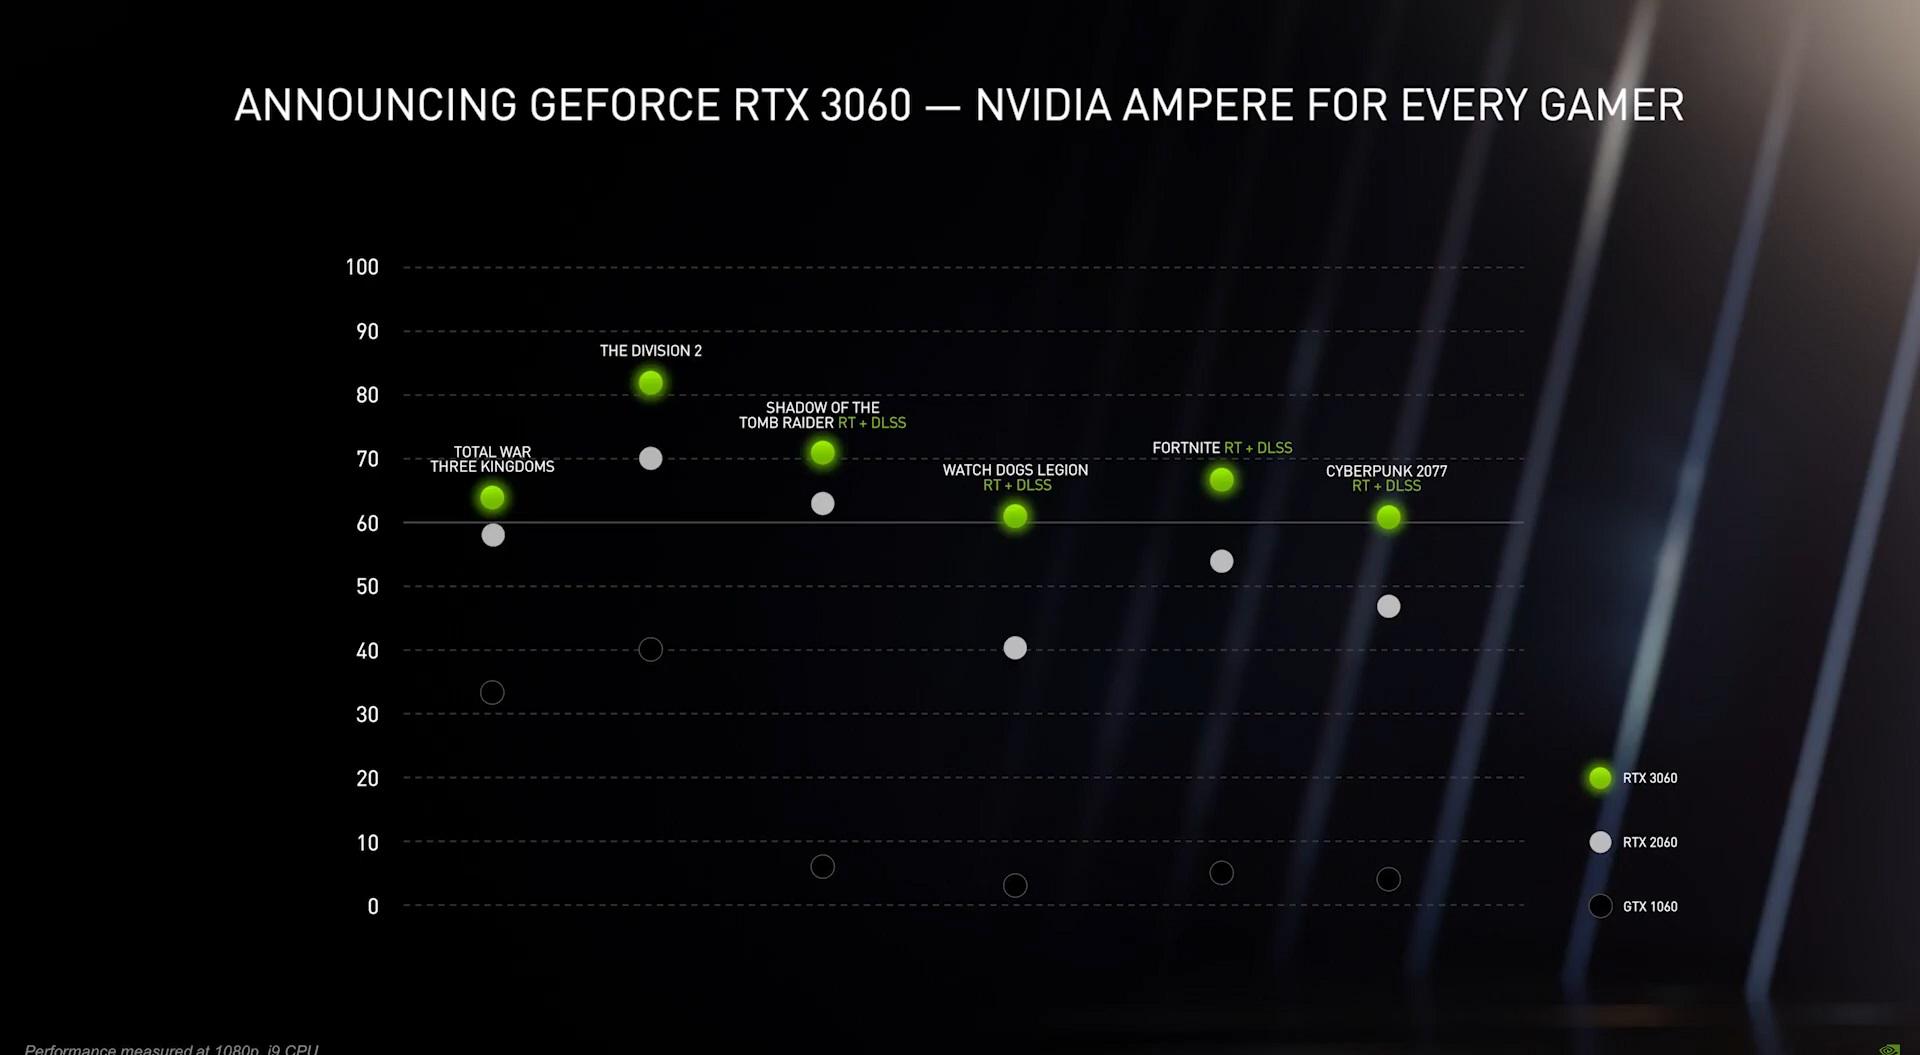 Встречаем Nvidia GeForce RTX 3060 — GPU Ampere для каждого геймера